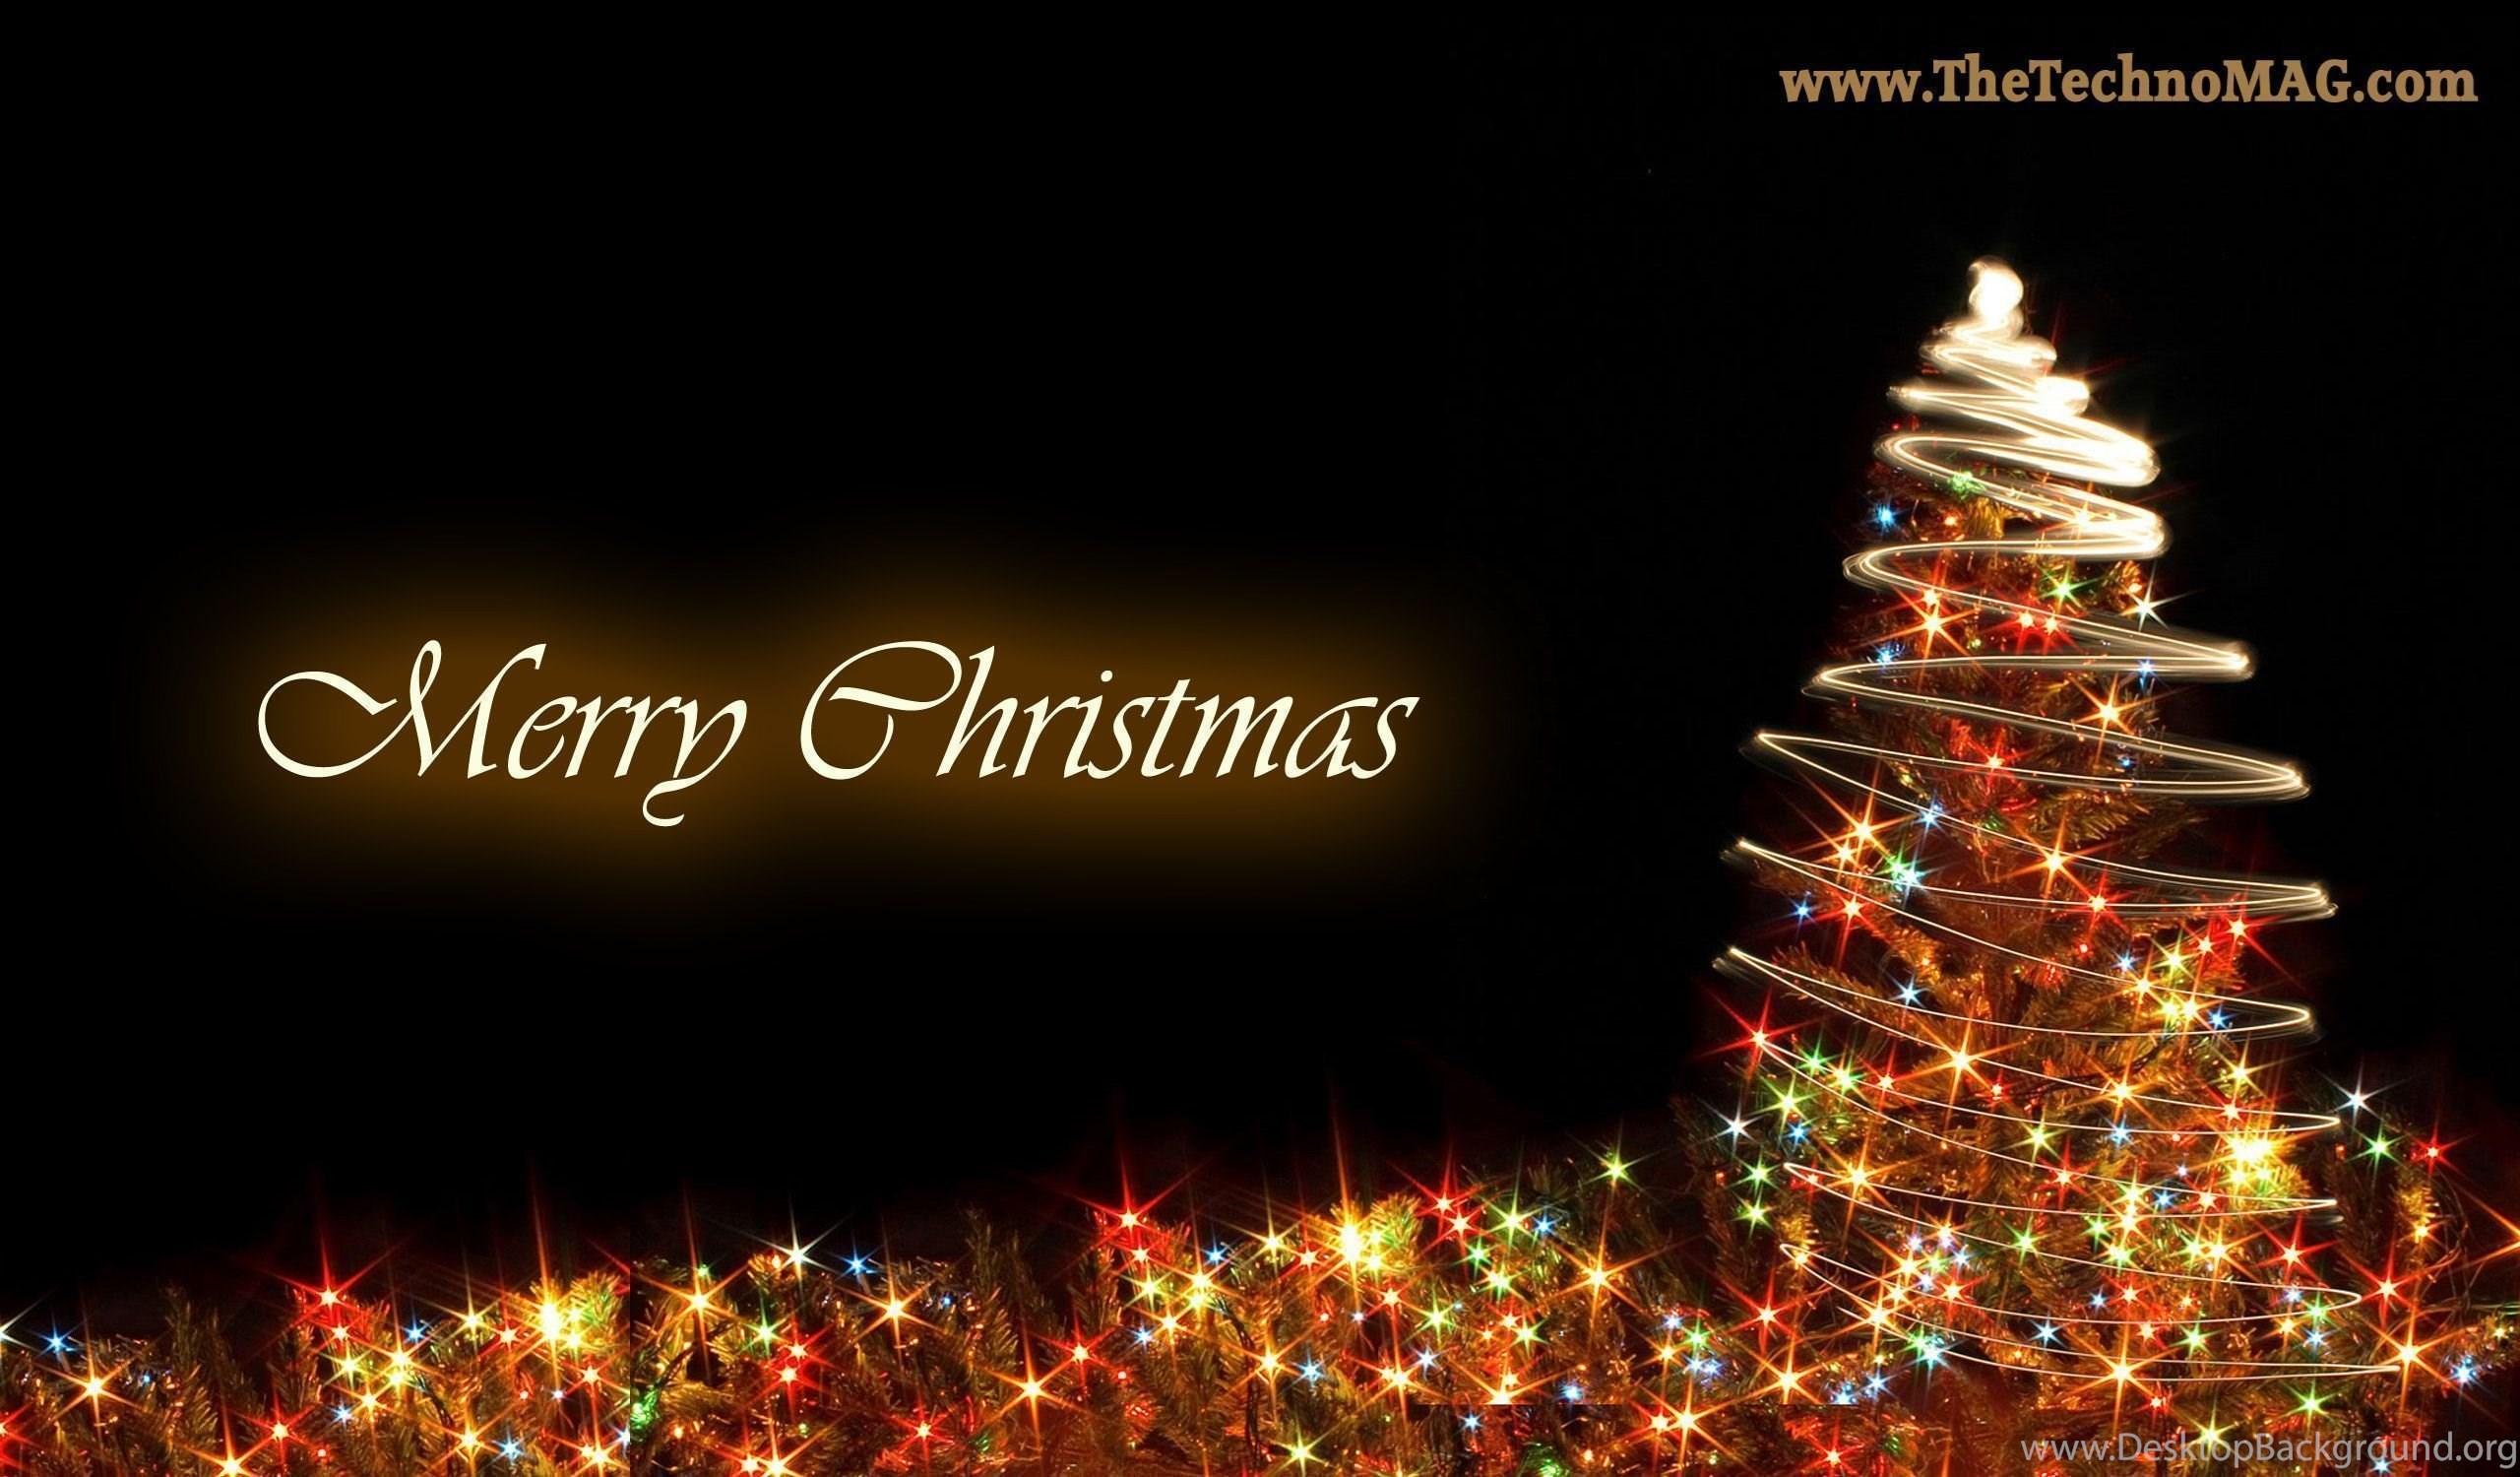 Cute Christmas Wallpaper Backgrounds Desktop Best HD